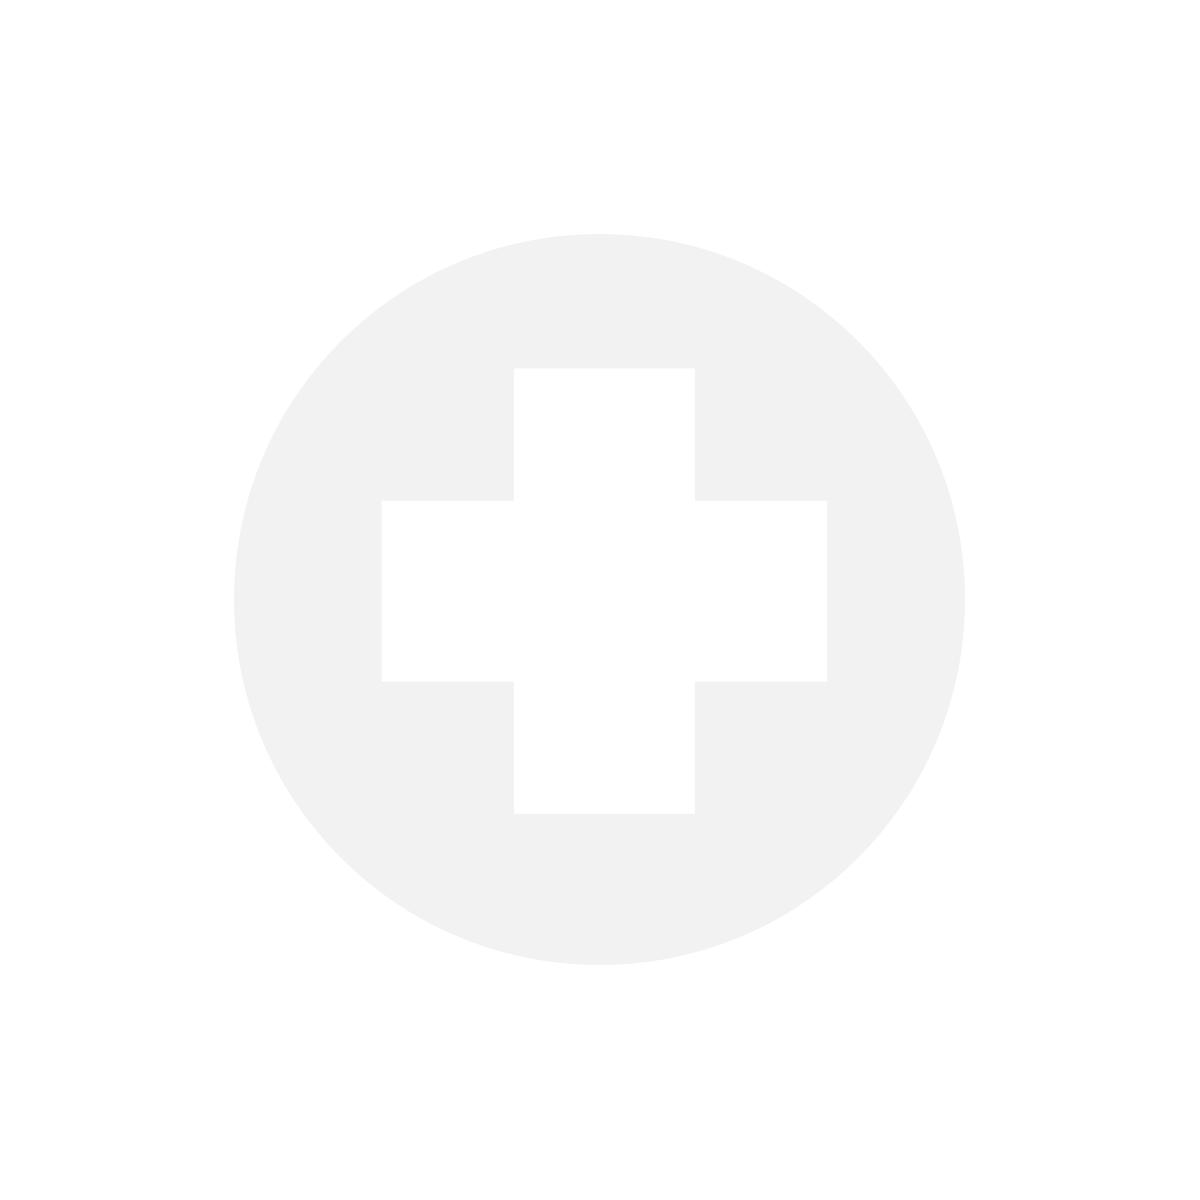 Cable bipolaire SPORECUP pour XTR2, Tens Eco 2, Emp 2 pro